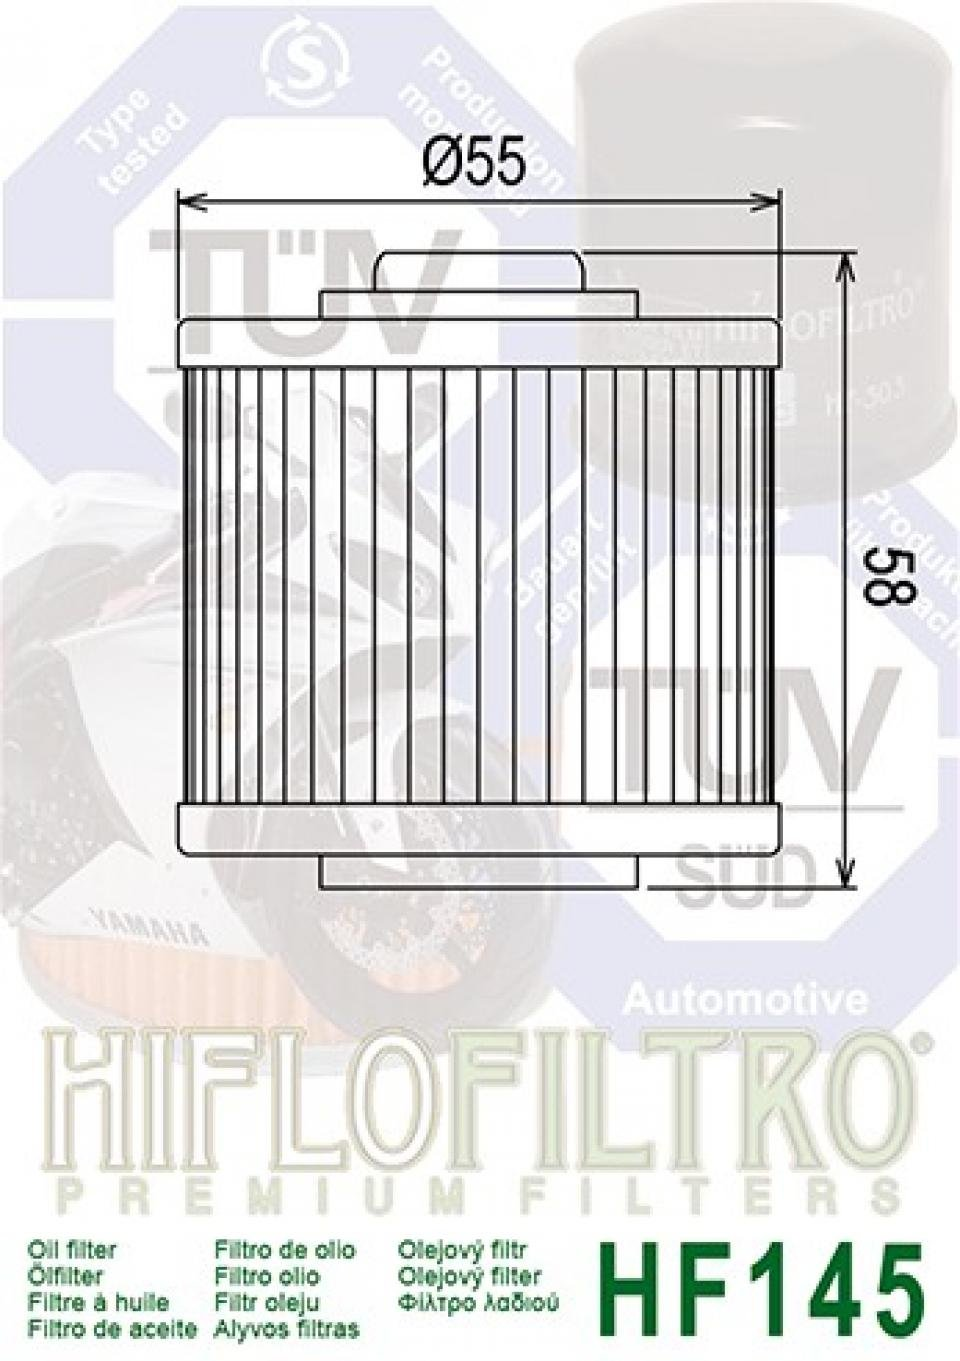 Filtro de aceite Hiflo Filtro Quad Yamaha 700 Yfm R Raptor 2006-2011